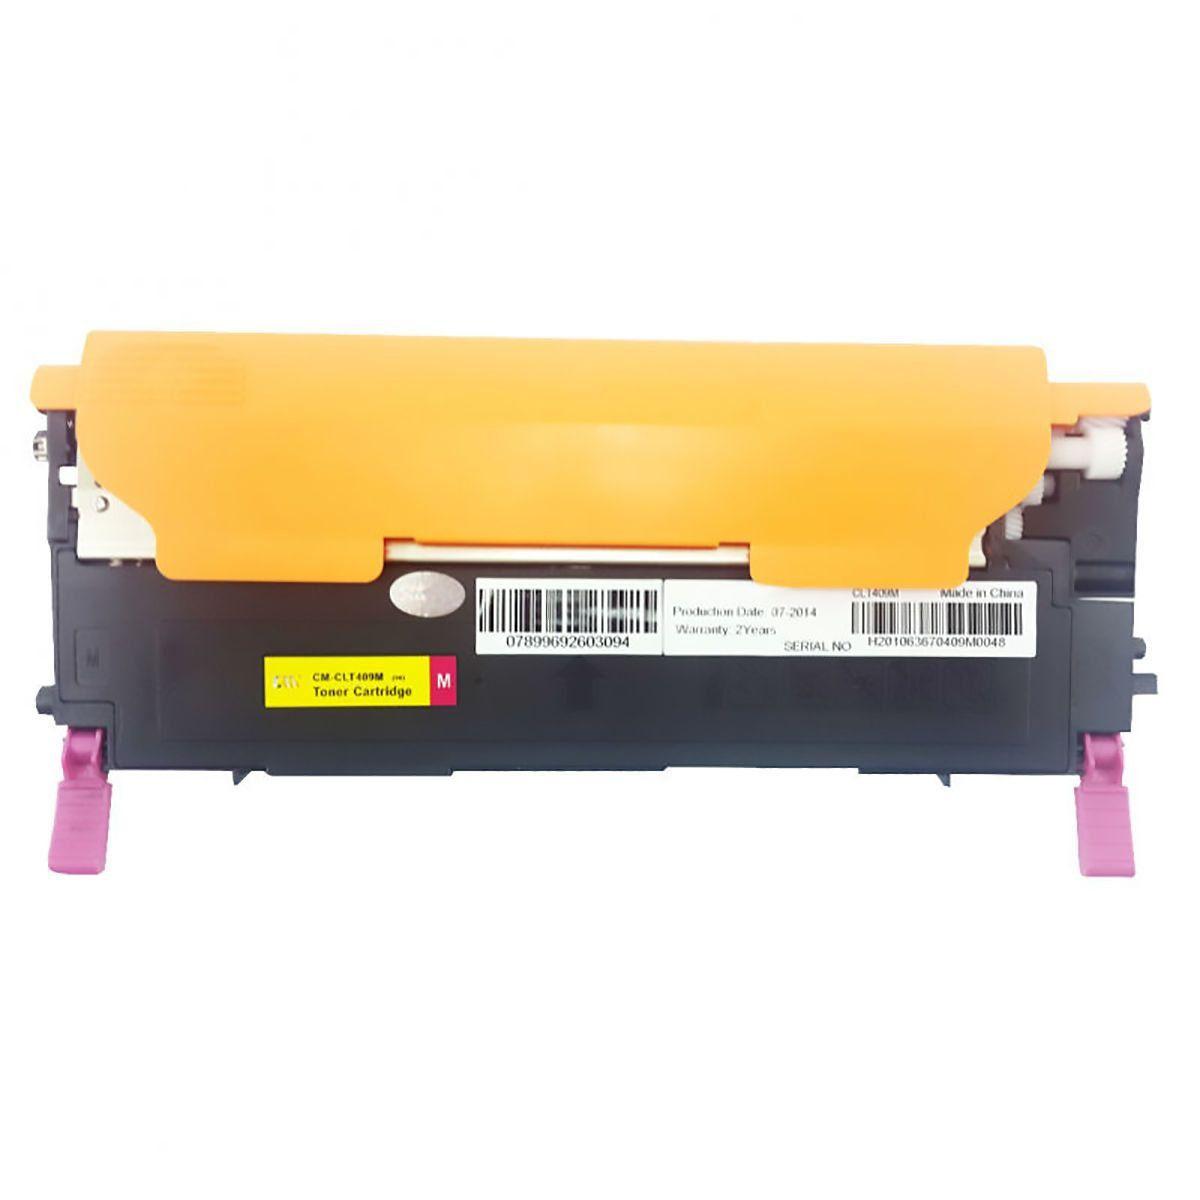 Compatível: Toner M409S CLT-409 para Samsung CLP-315w CLX-3175fw CLX-3170 CLX-3175 CLX-3175fn CLP-310 / Magenta / 1.000